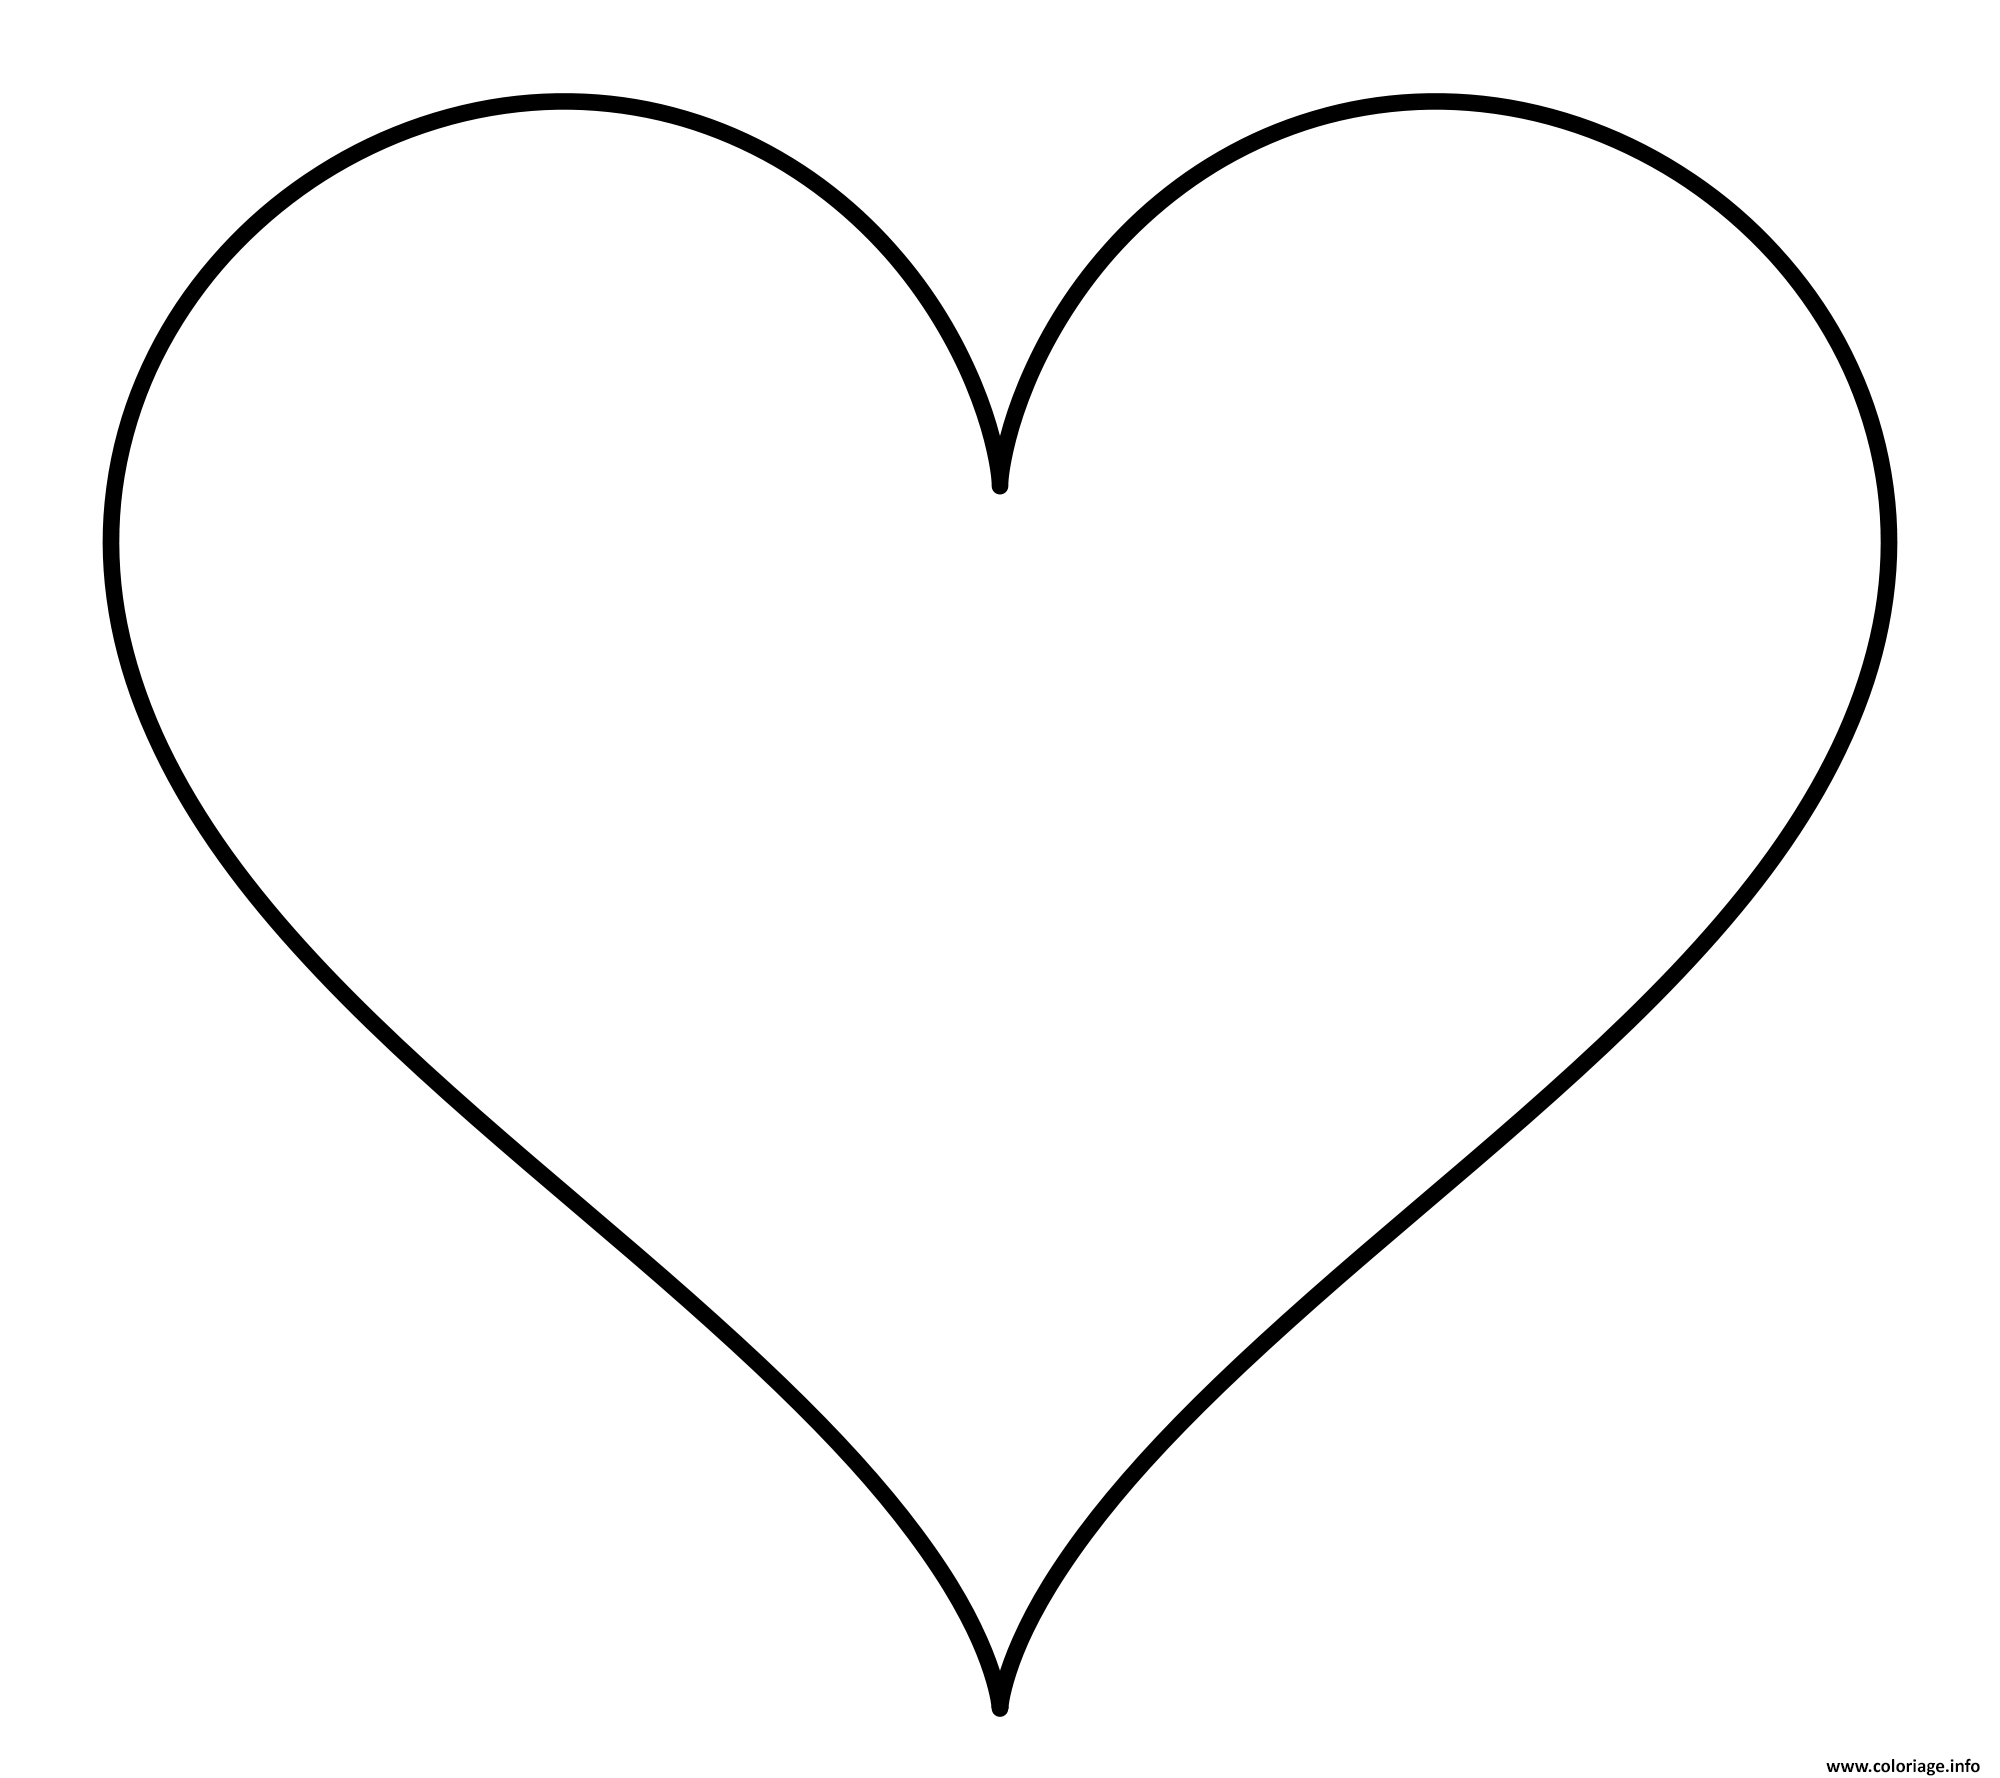 Coloriage dessin coeur amour - Coeur coloriage ...